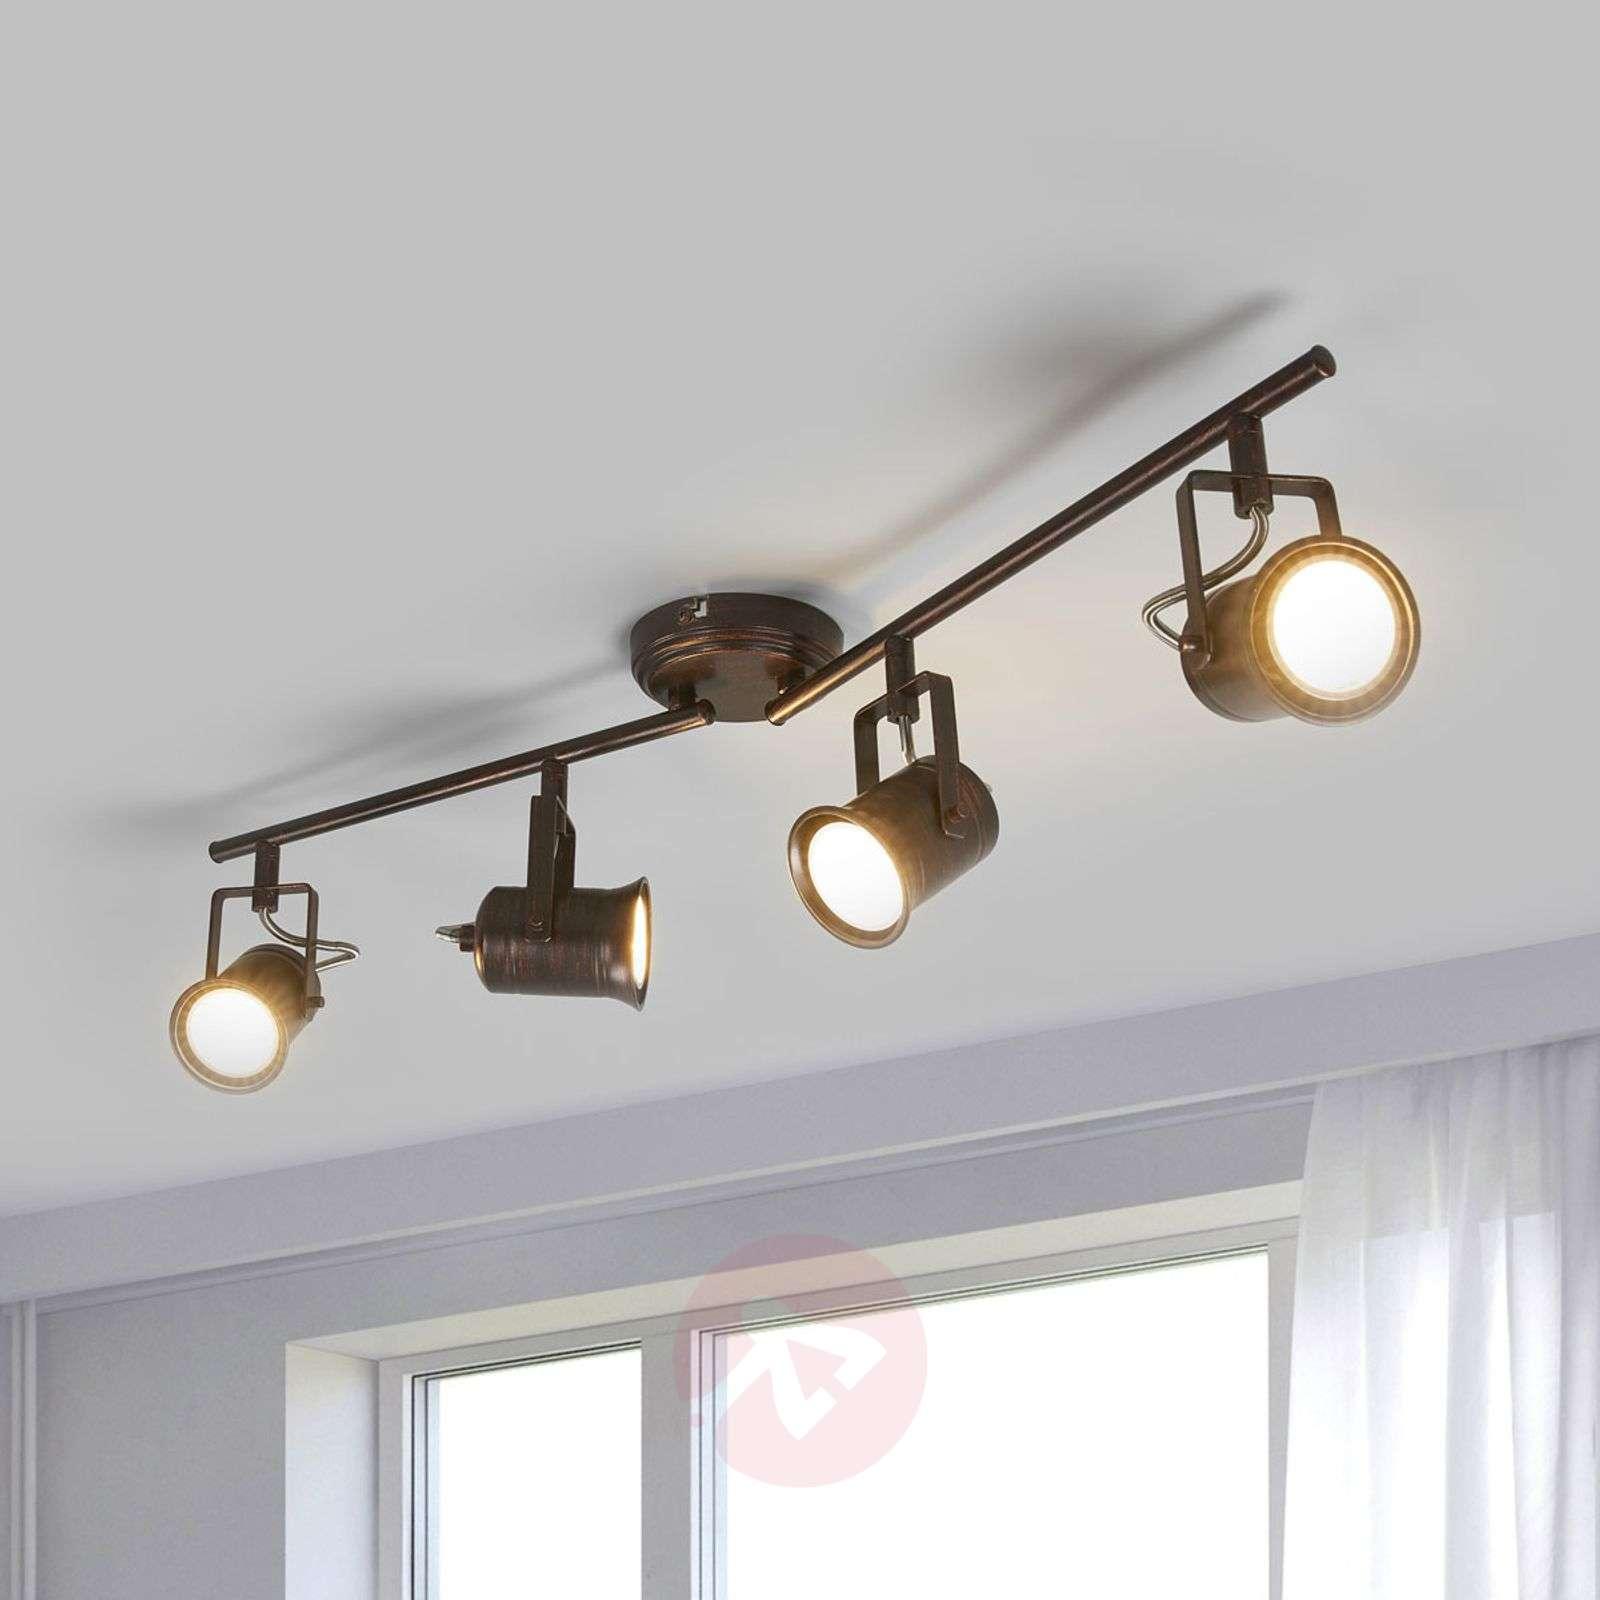 4-lamppuinen LED-kattovalaisin, rustiikkinen tyyli-9639075-01